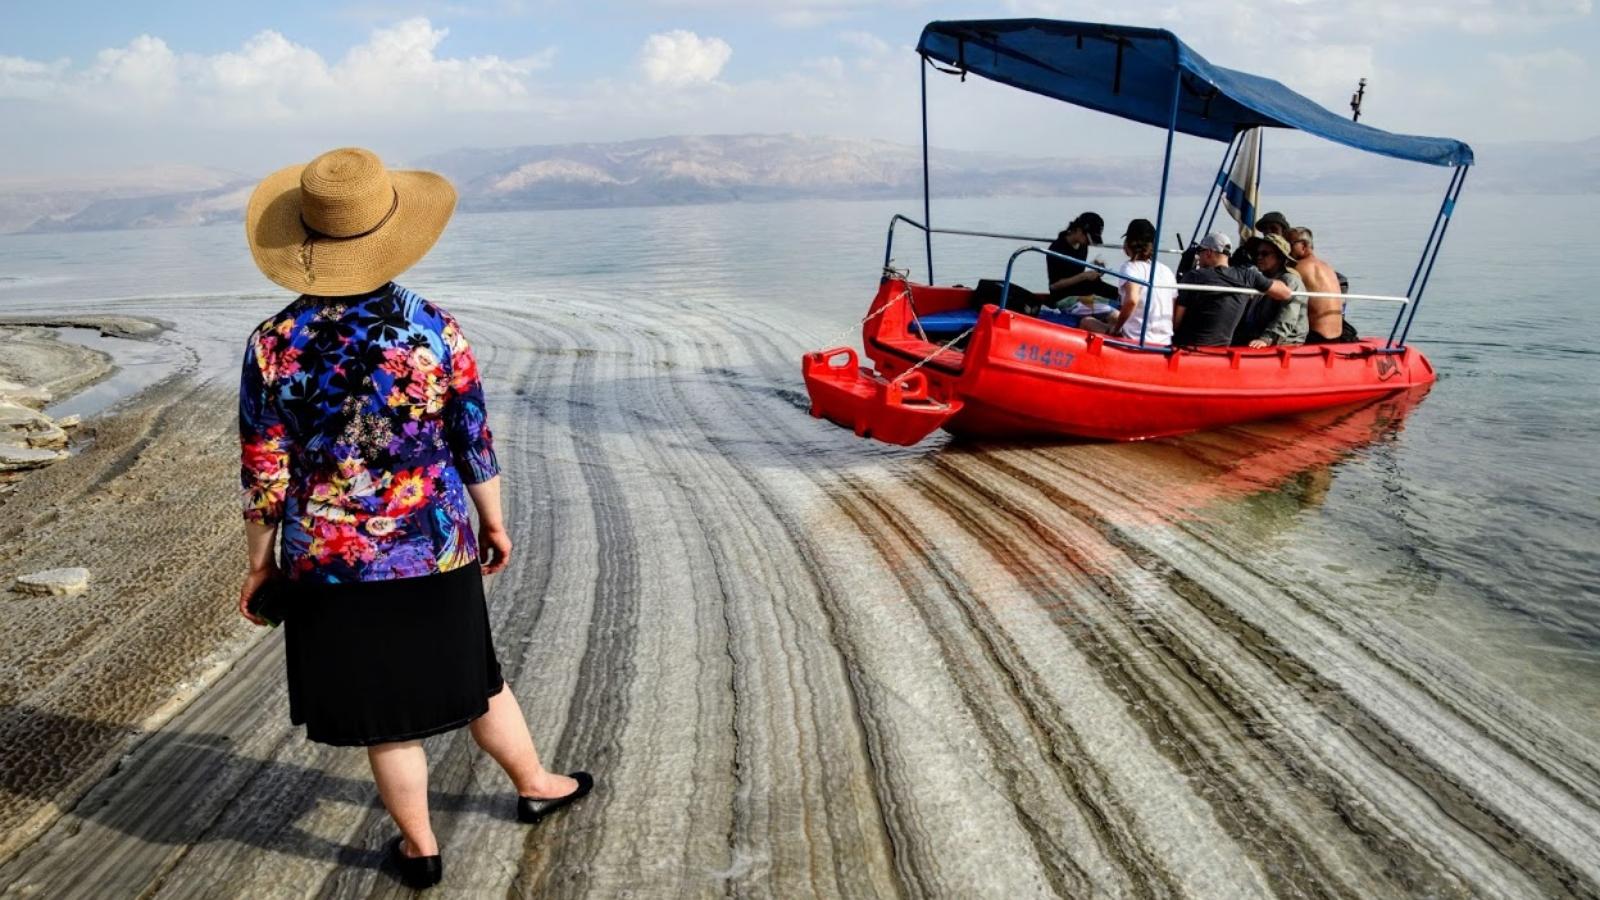 Dead Sea Revival Project sets sail – ISRAEL21c